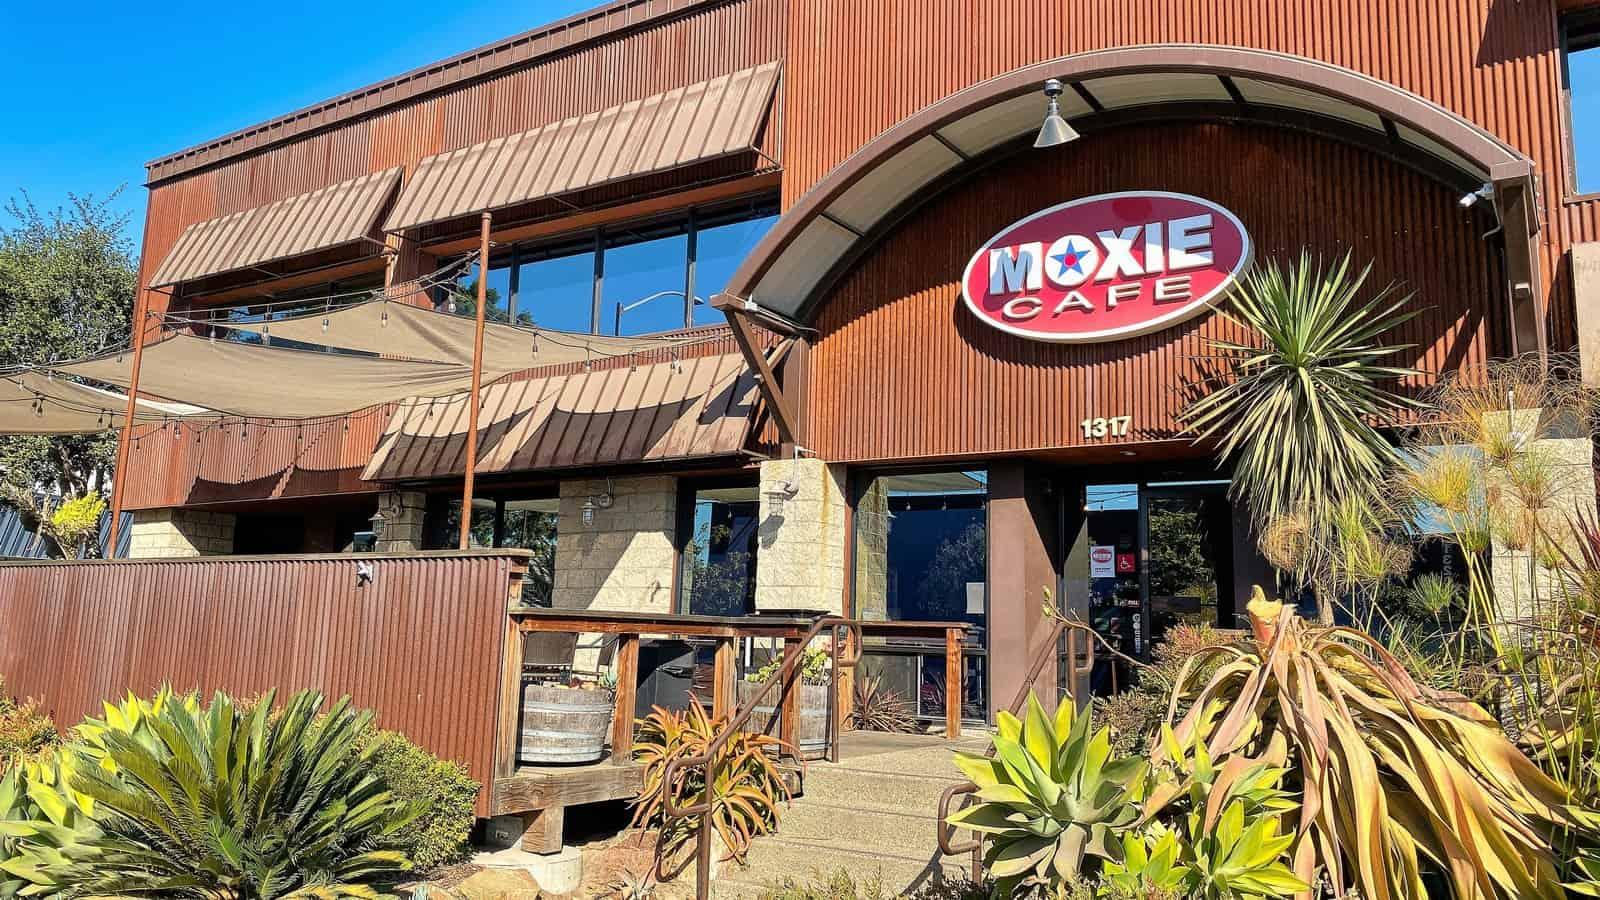 Moxie cafe